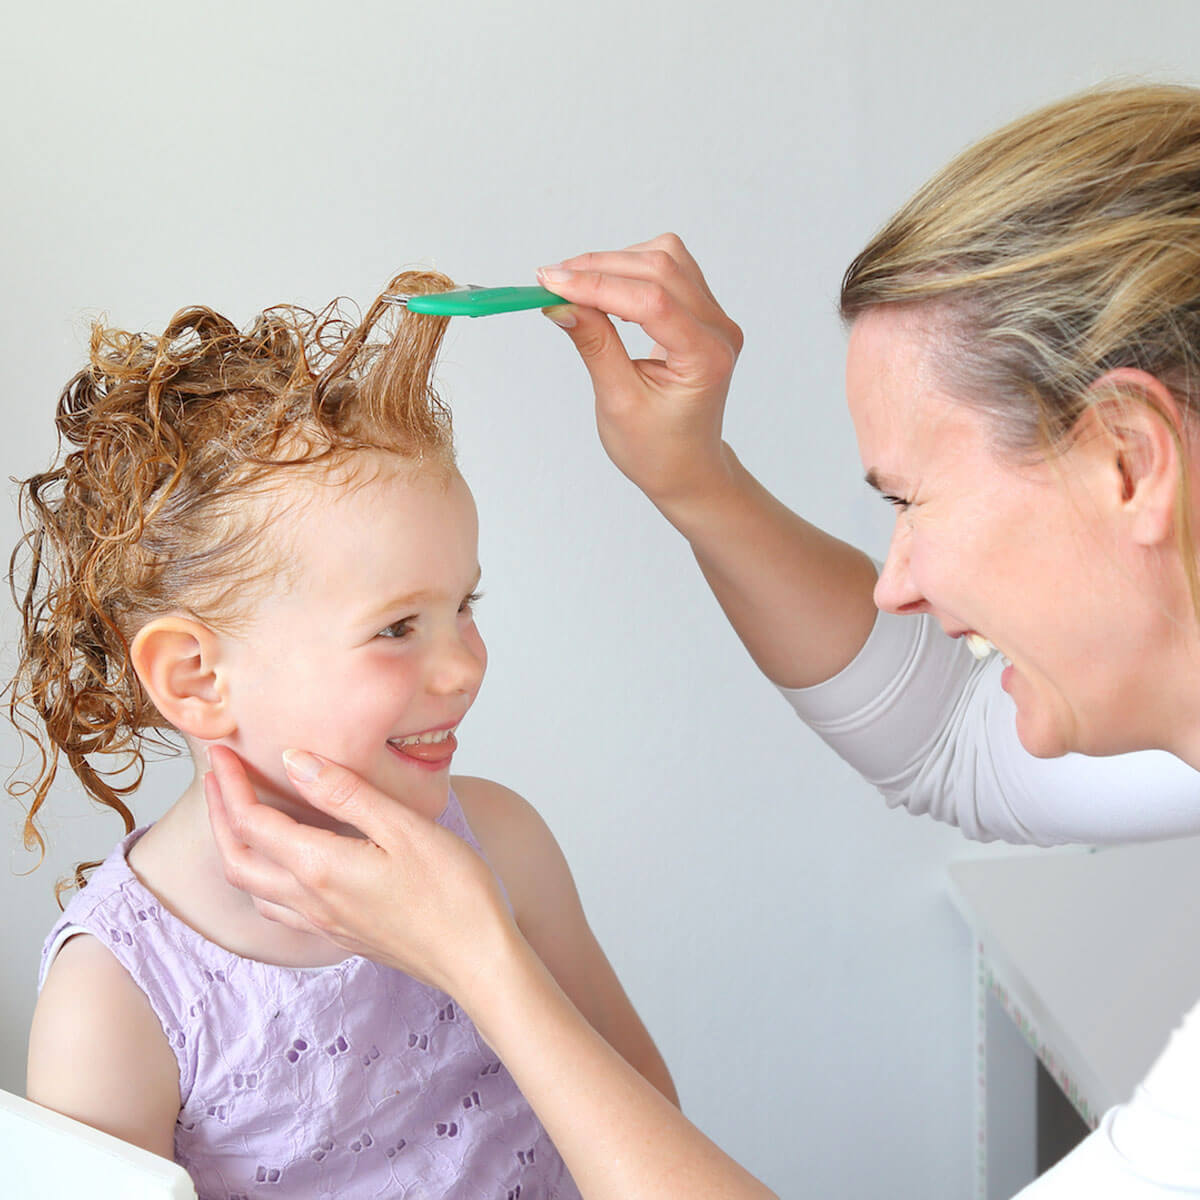 شپش سر کودکان + درمان خانگی